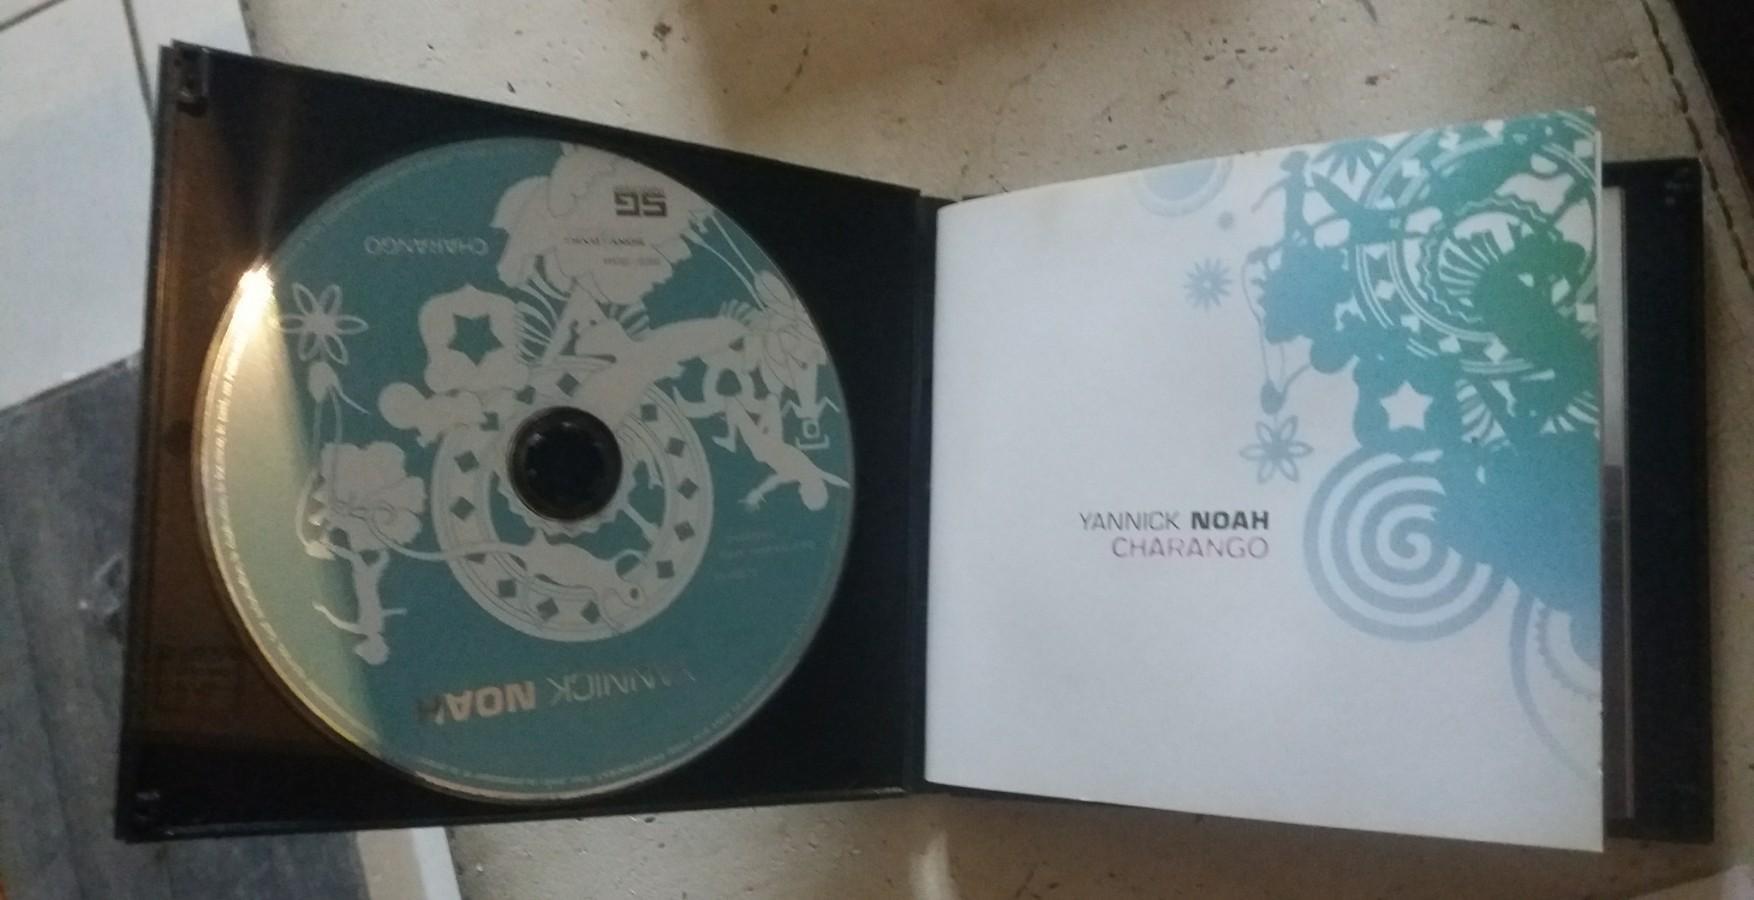 troc de troc cd yannick noah image 2